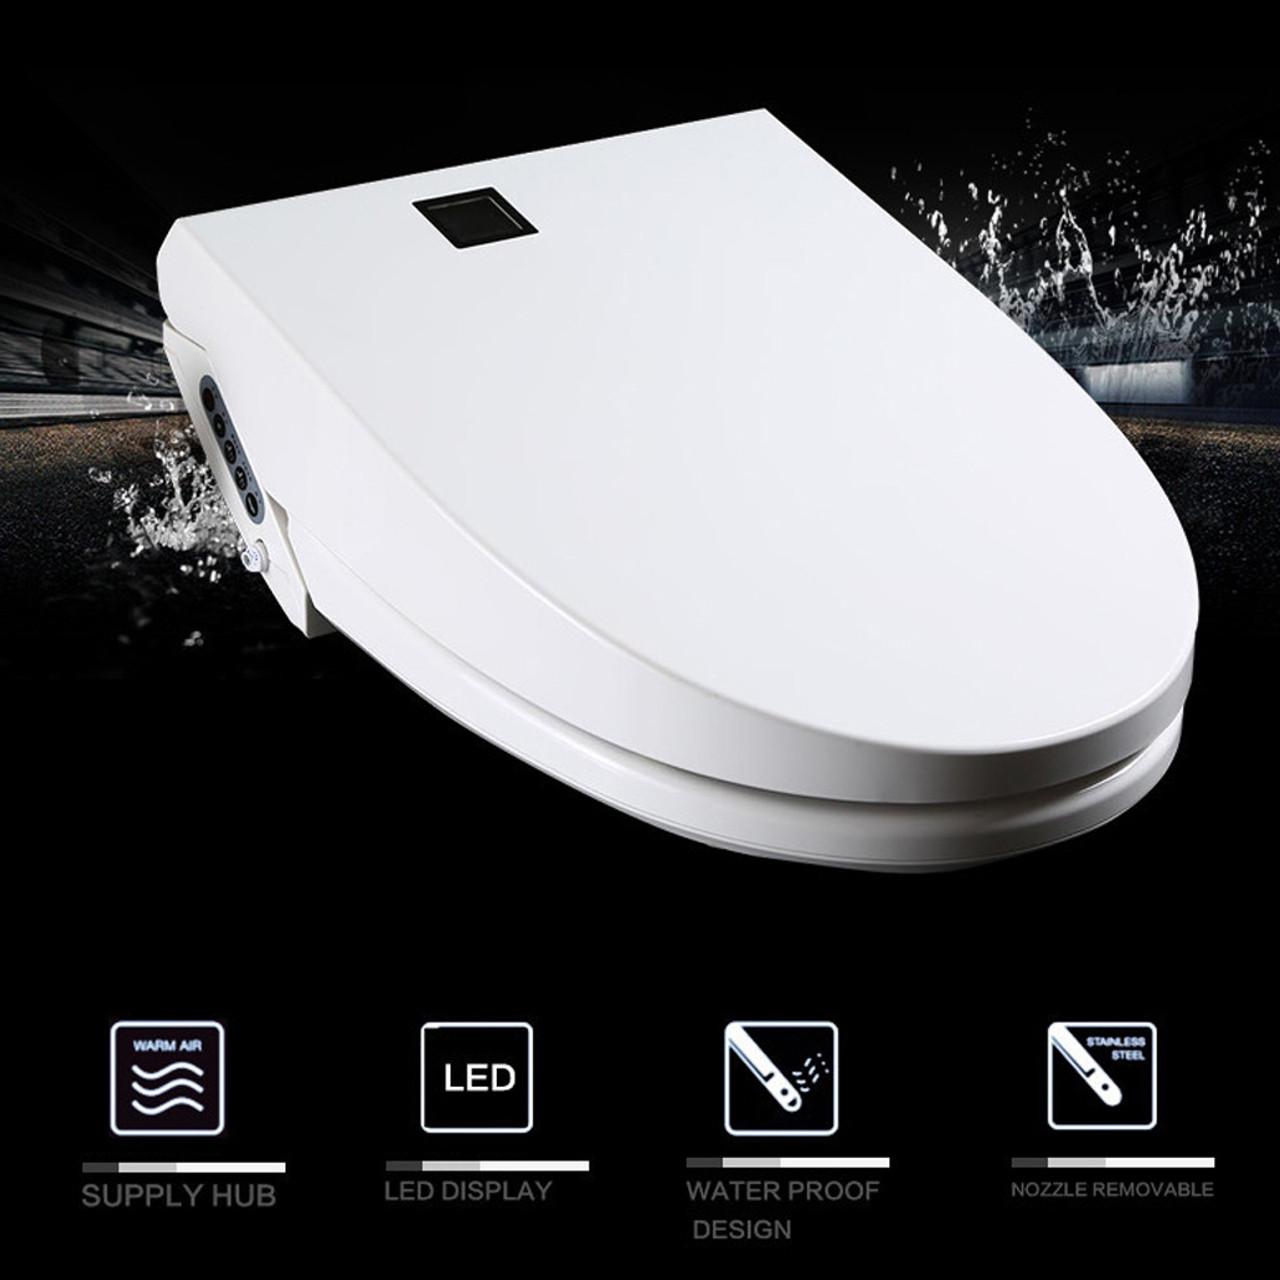 Premium Euroto Intelligent Smart Toilet Seat Cover - Eurotousa.com